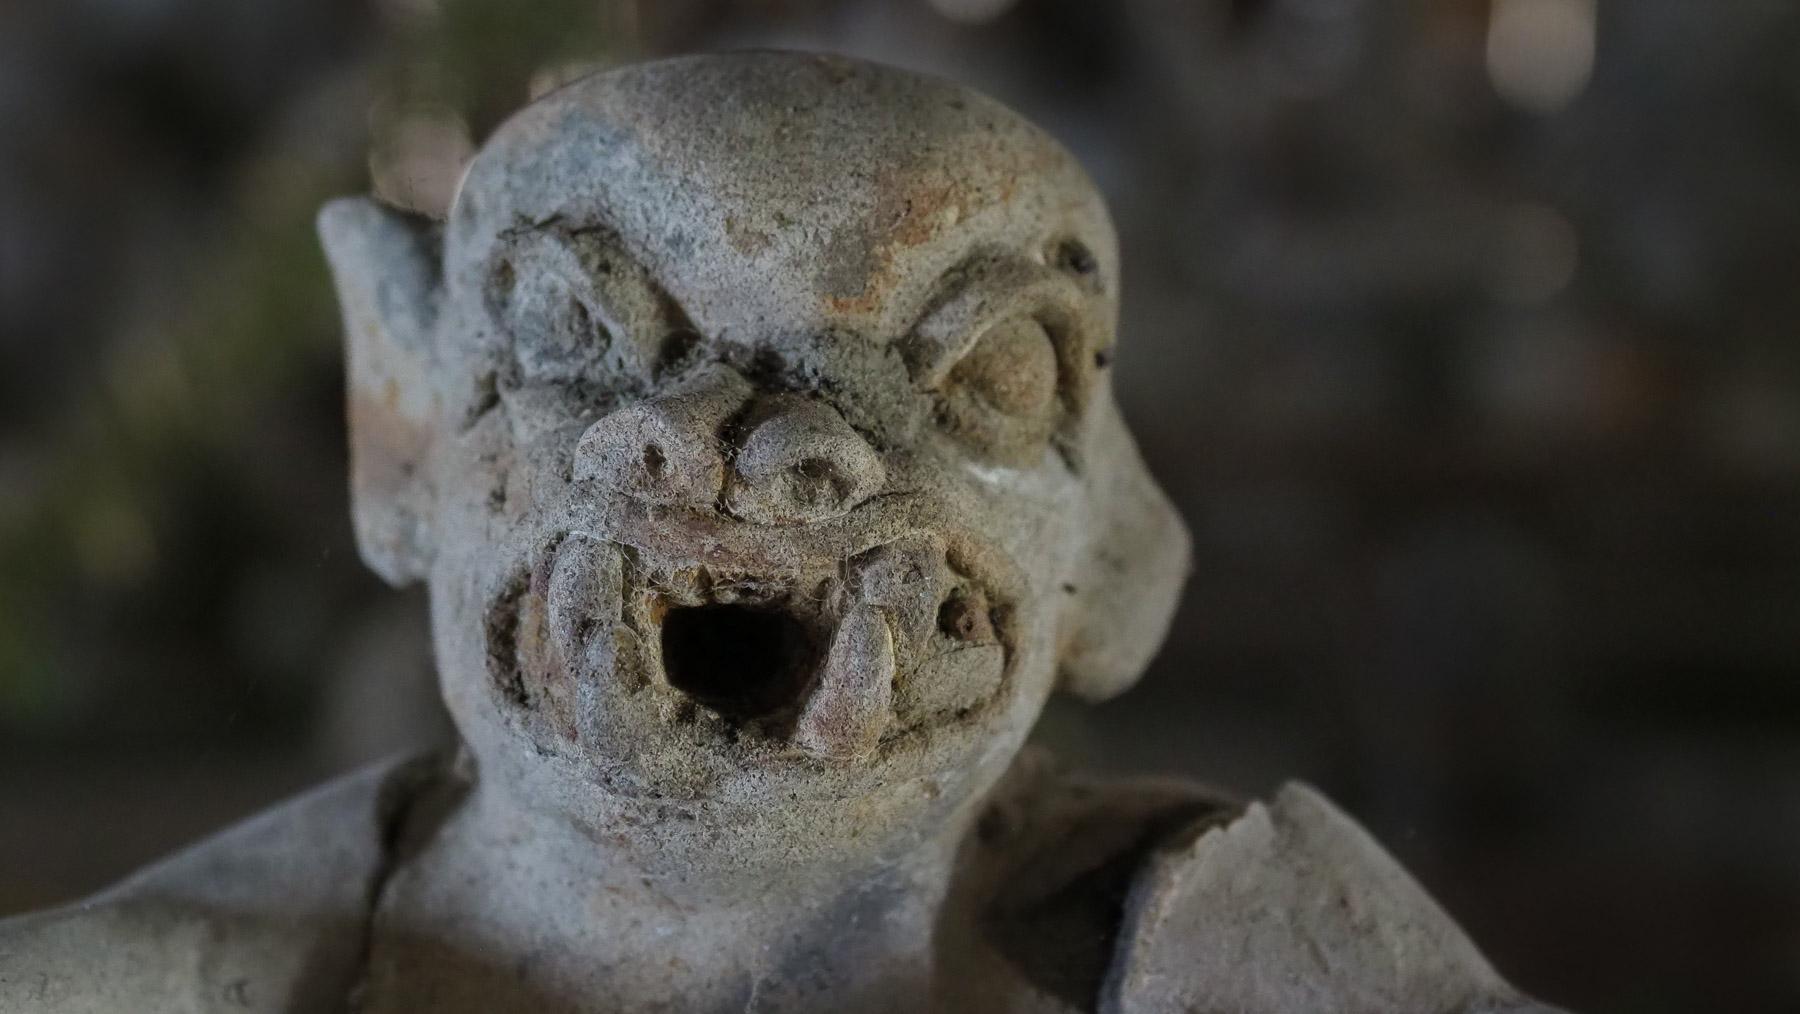 Seltsame Gestalten in einem skurrilen Museum am Ende der Welt